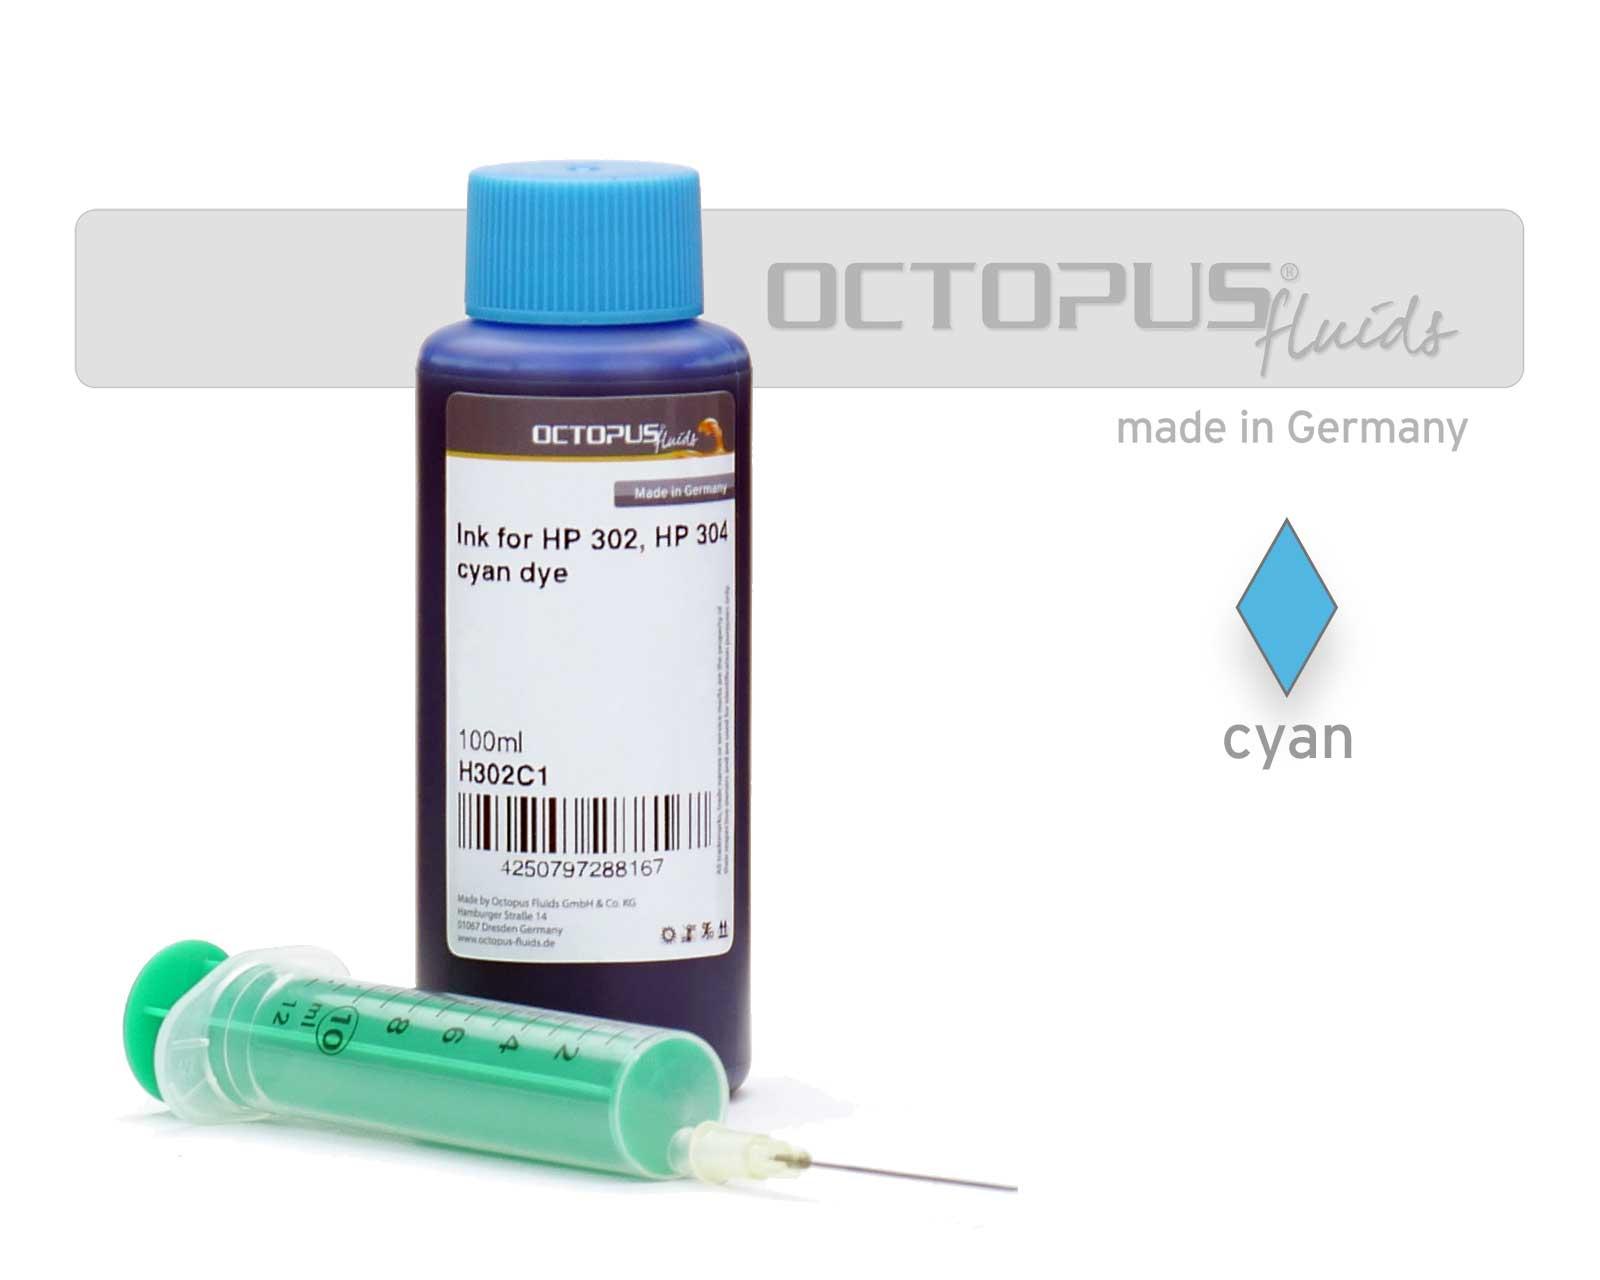 100ml Druckertinte für HP 302, HP 304 Druckerpatronen cyan mit Refillspritze